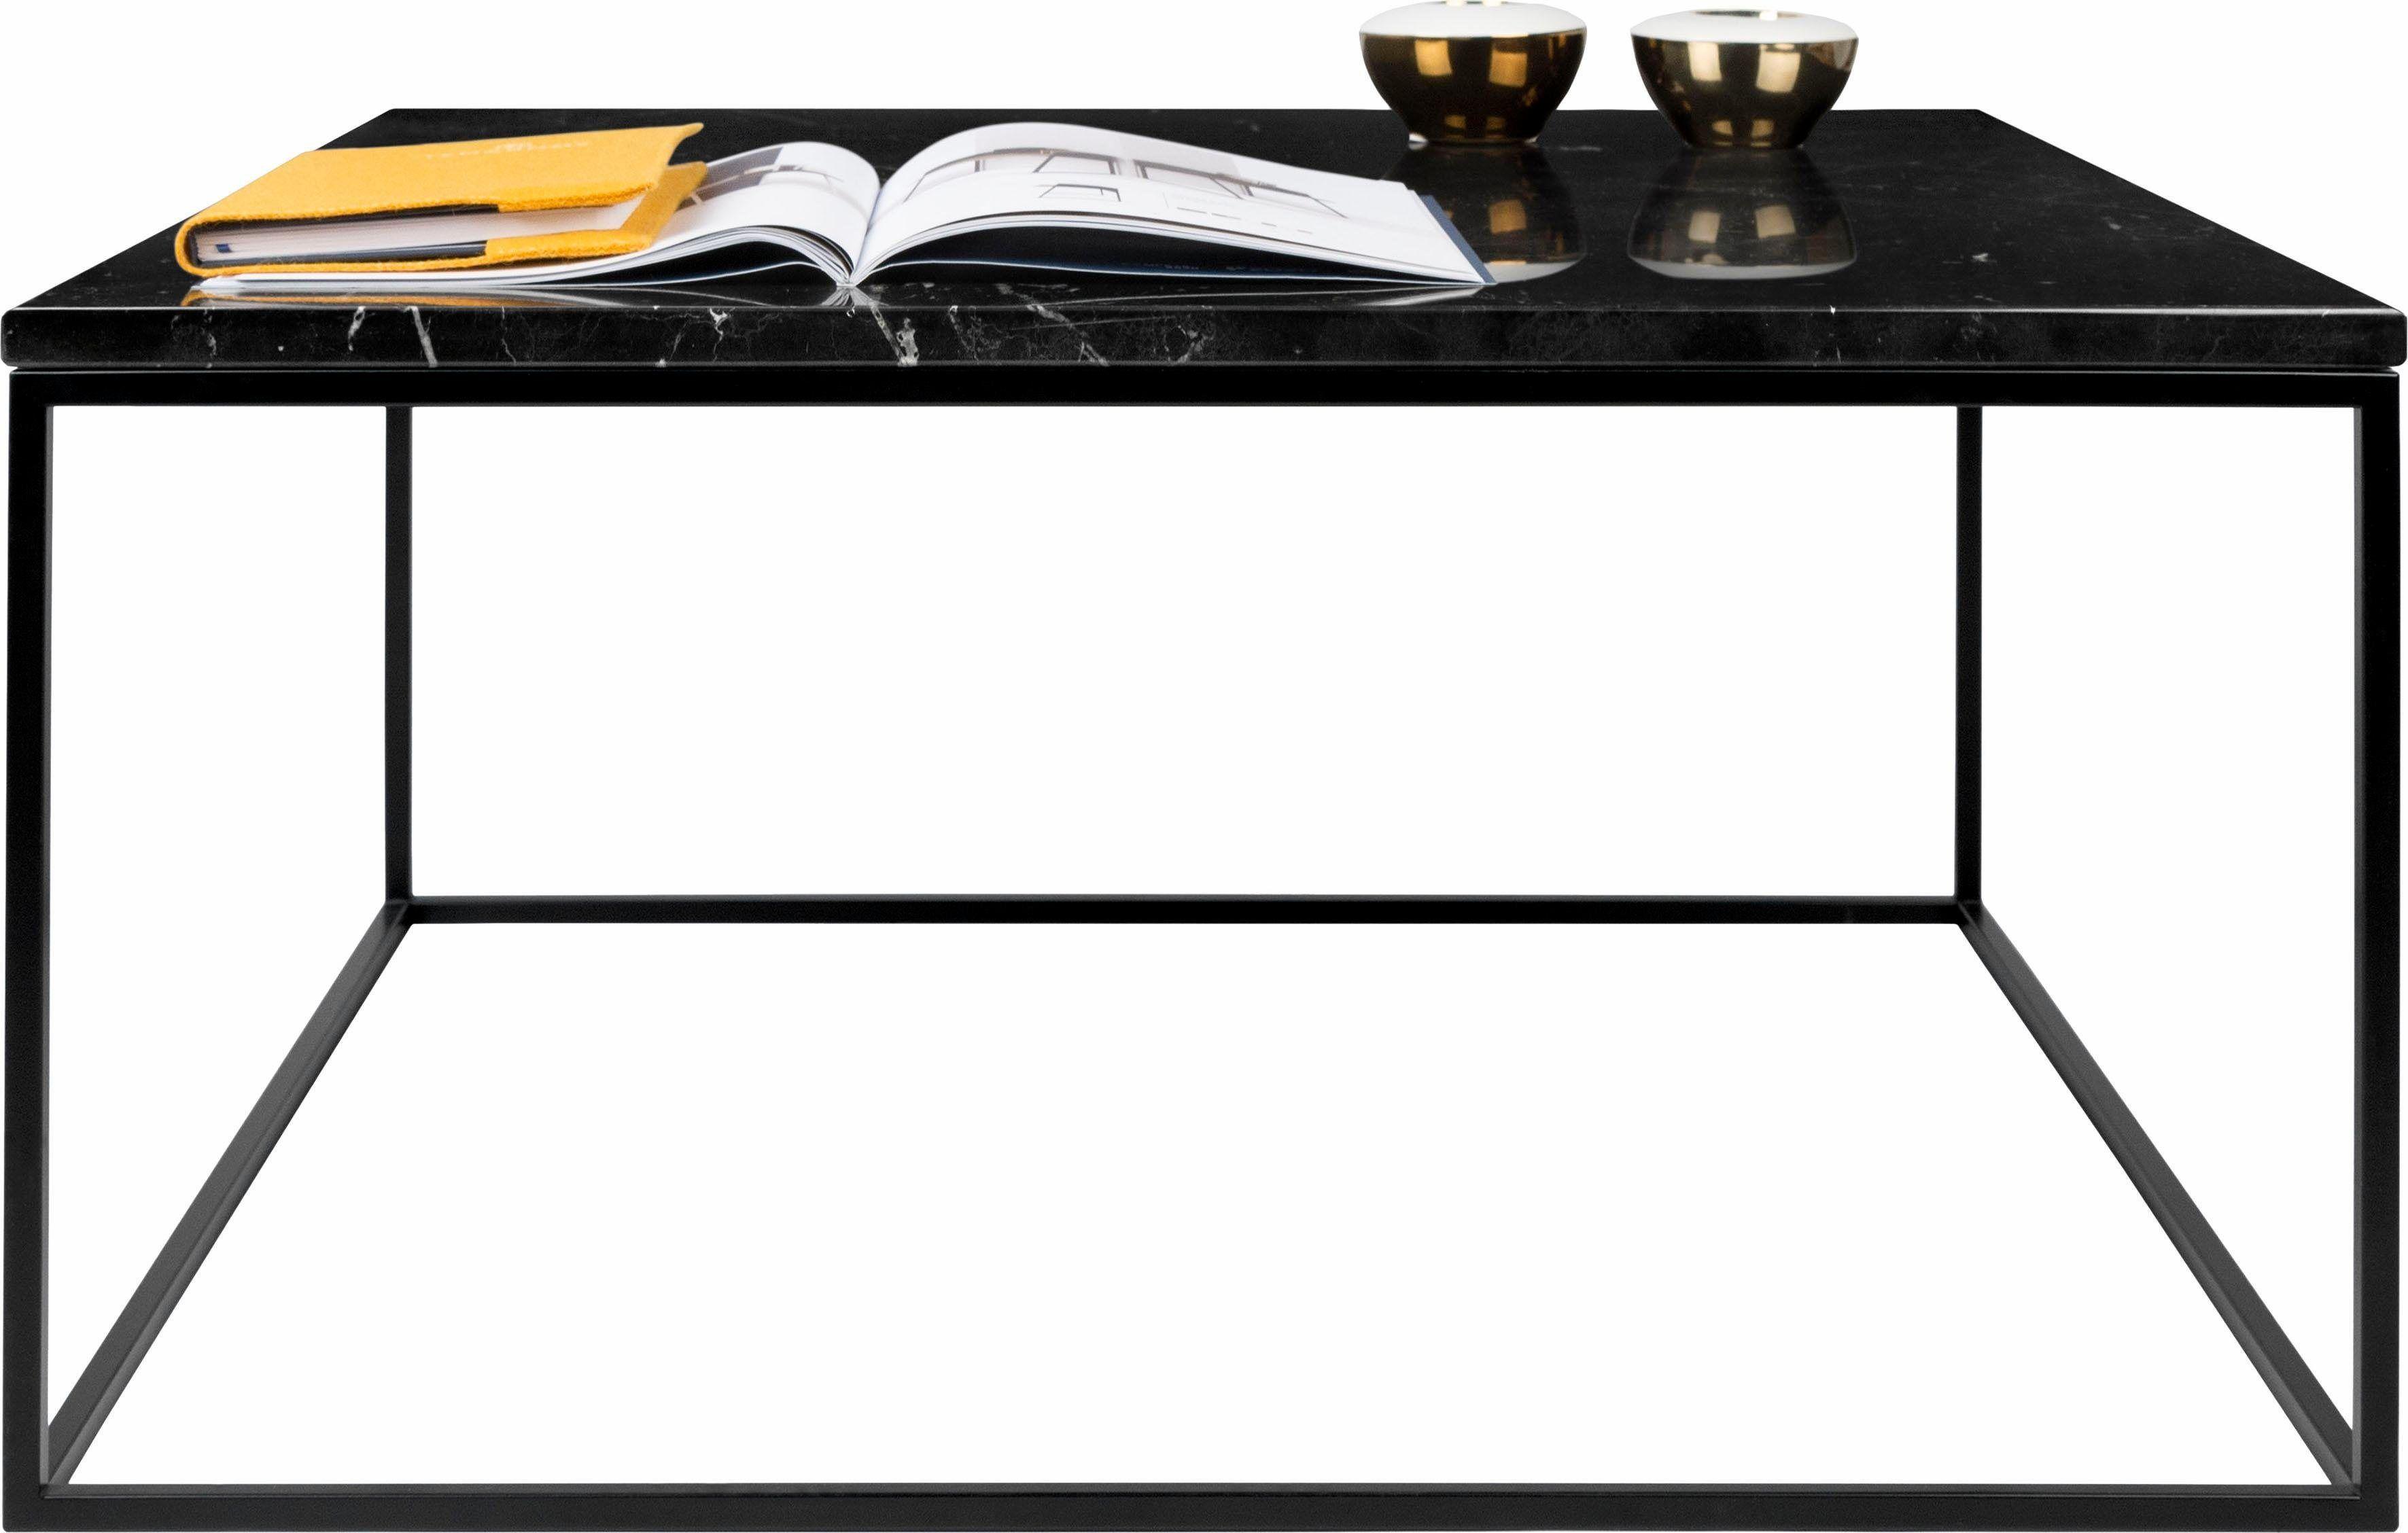 Andas Couchtisch Gleam Aus Marmor Wahlweise Mit Gestell Aus Chrom Oder Schwarzem Metall Jetzt Bestellen Unter Couchtisch Marmor Couchtisch Schwarzes Metall